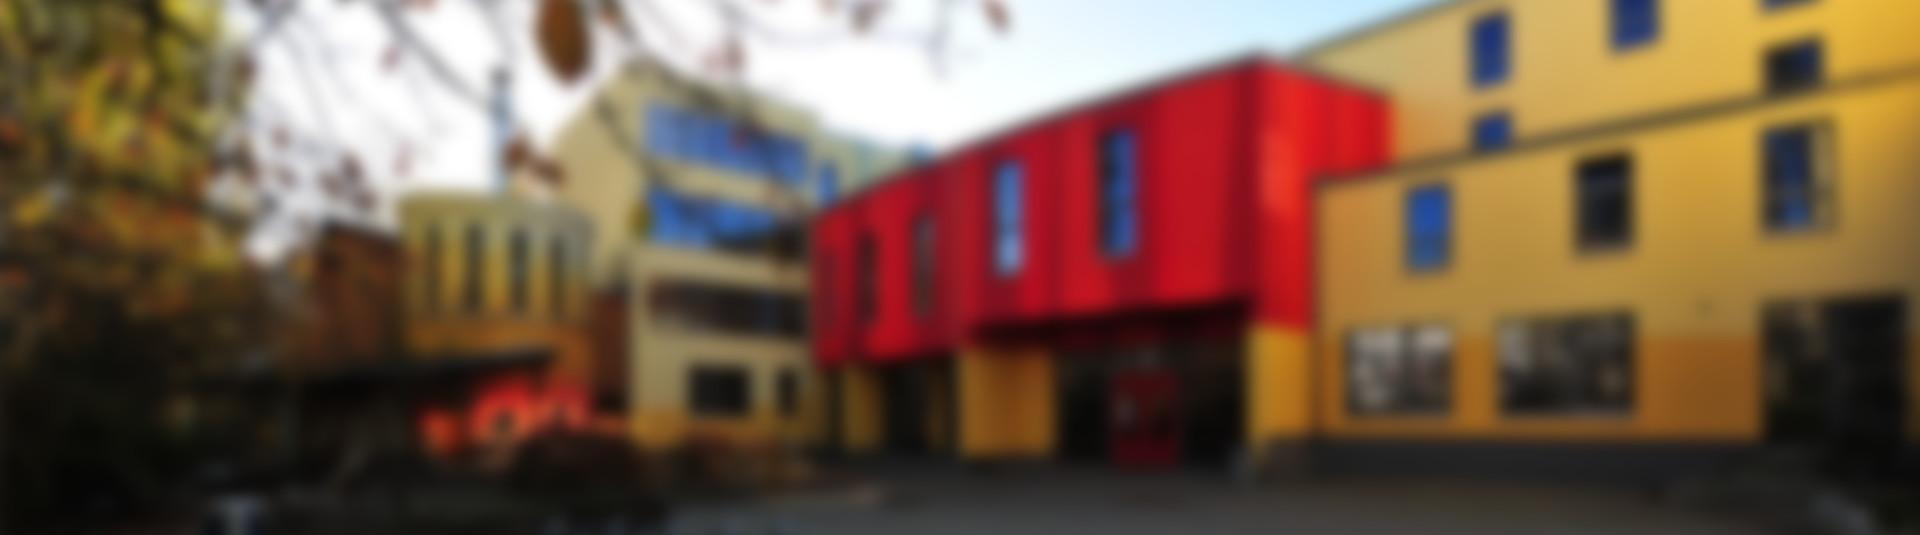 waldorfschule und waldorfkindergarten rostock freie schule in der ktv waldorfschule rostock. Black Bedroom Furniture Sets. Home Design Ideas